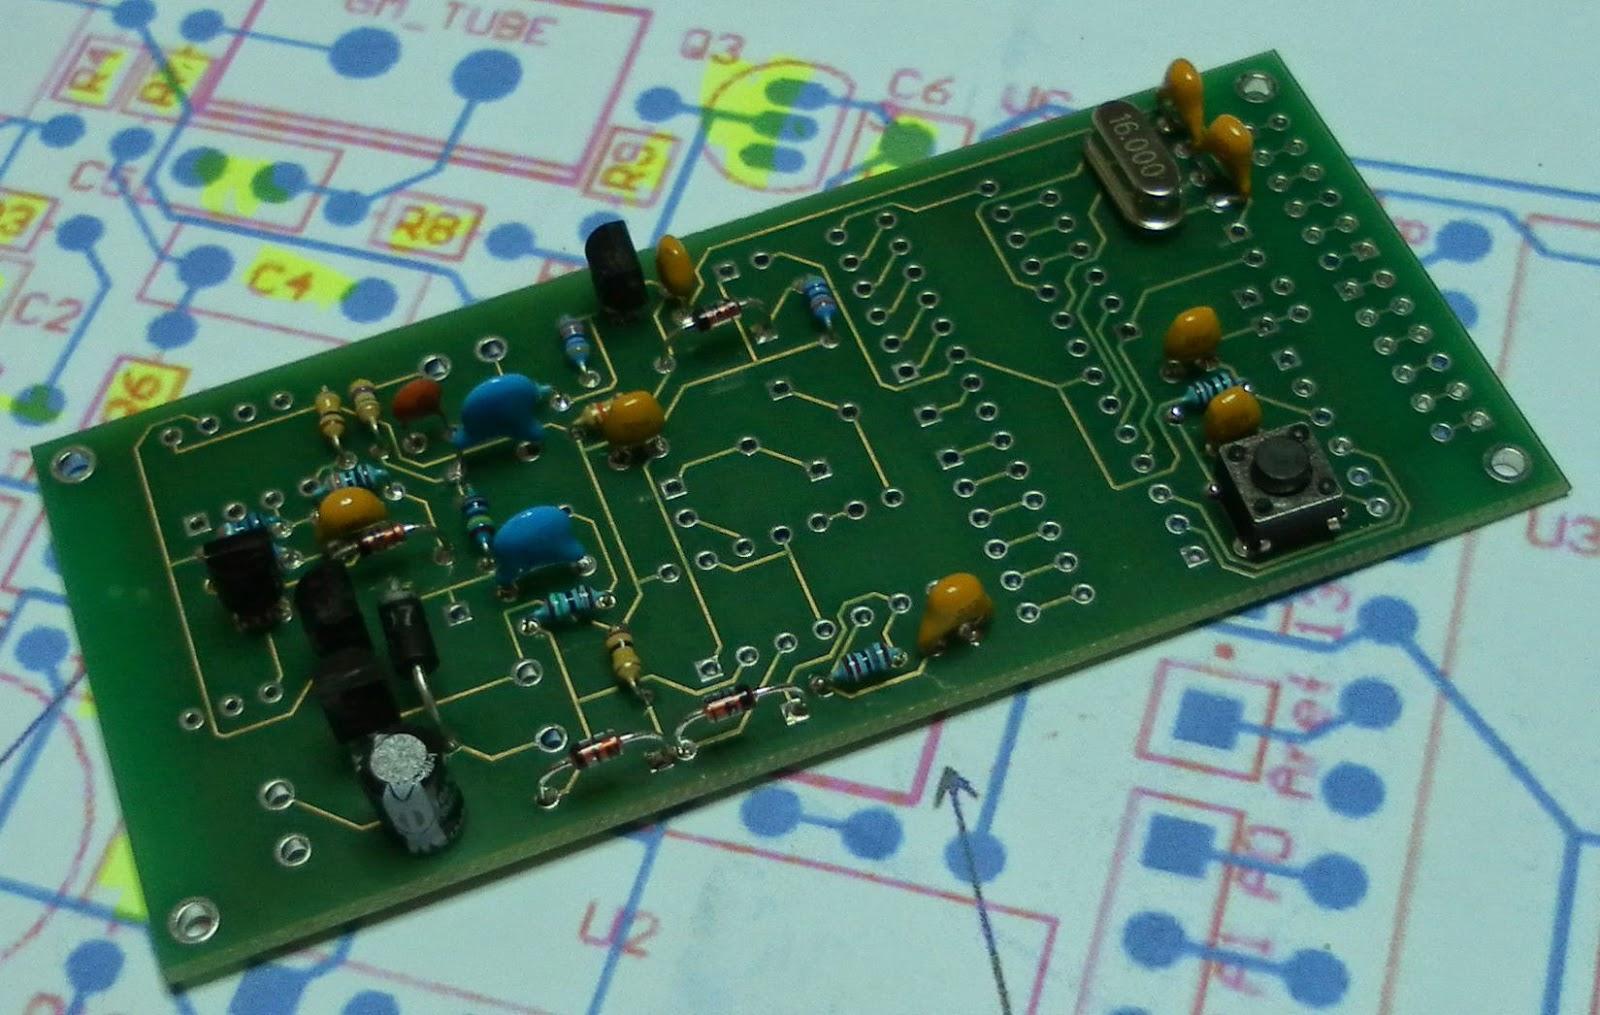 [Image: GM_Arduino_002.jpg]